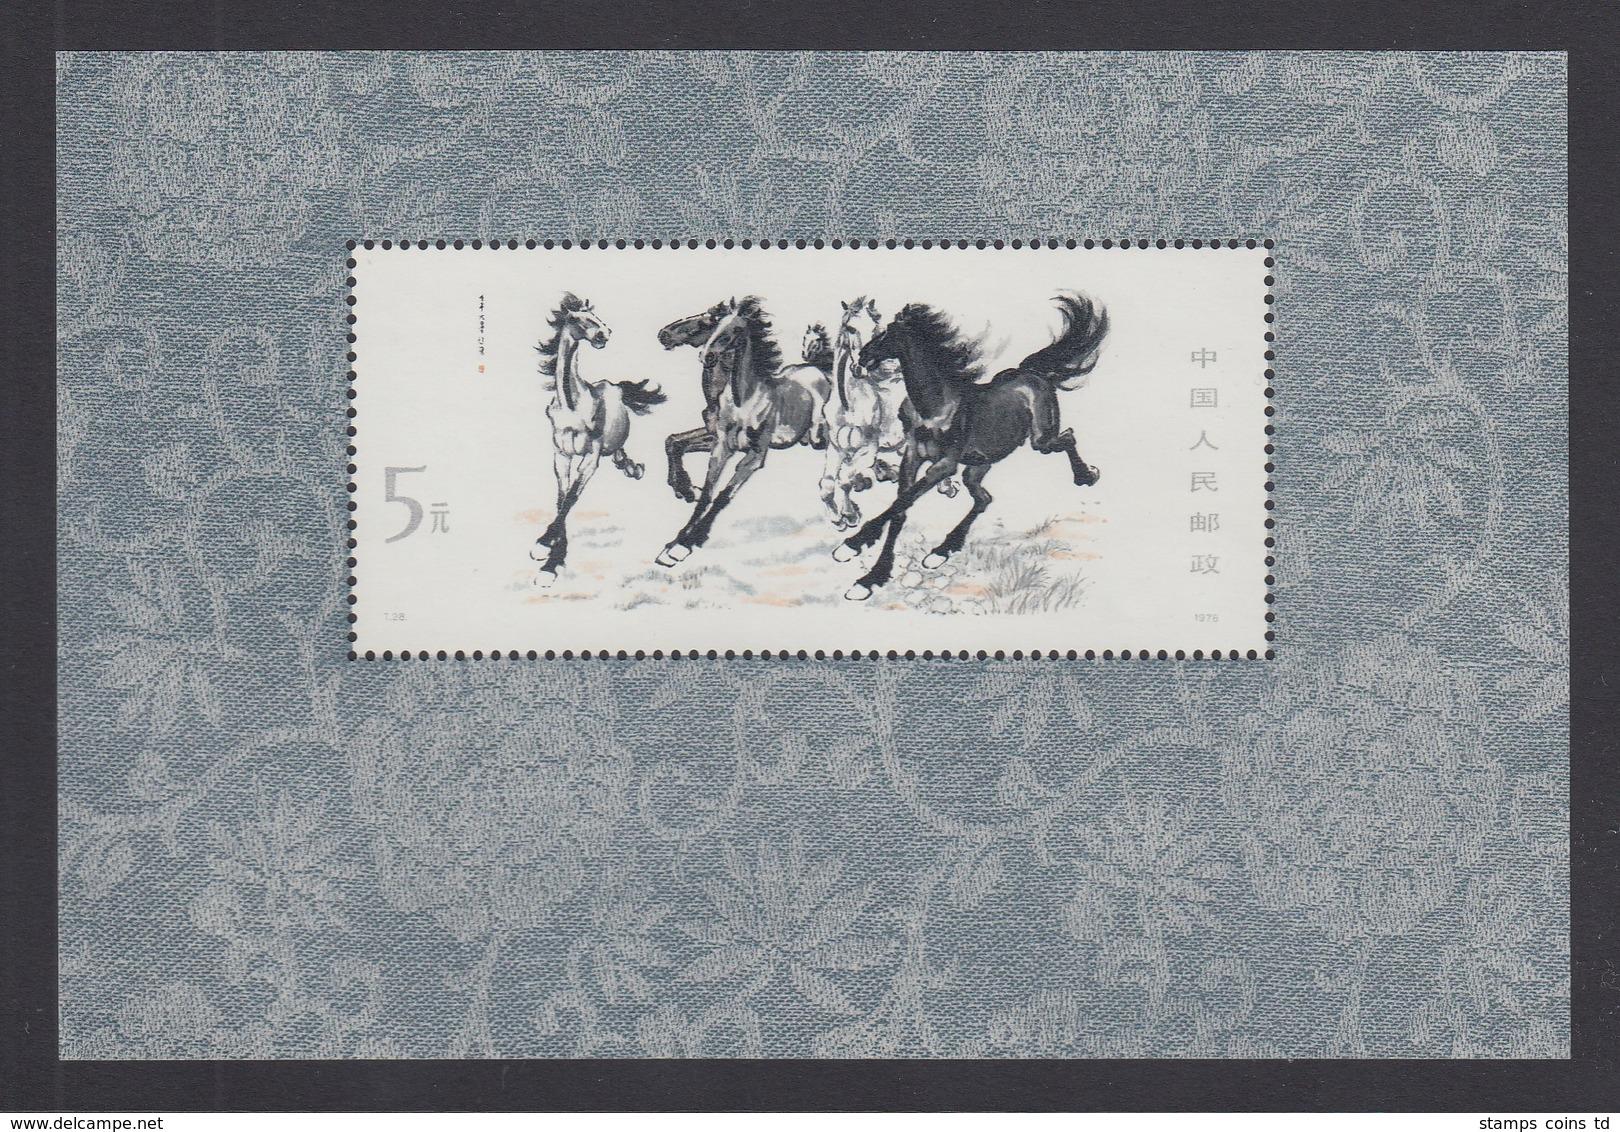 VR China Block 12 Pferde In Postfrischer Qualität, Mi. 850,-€  Sheet T.28 MNH  - Cina